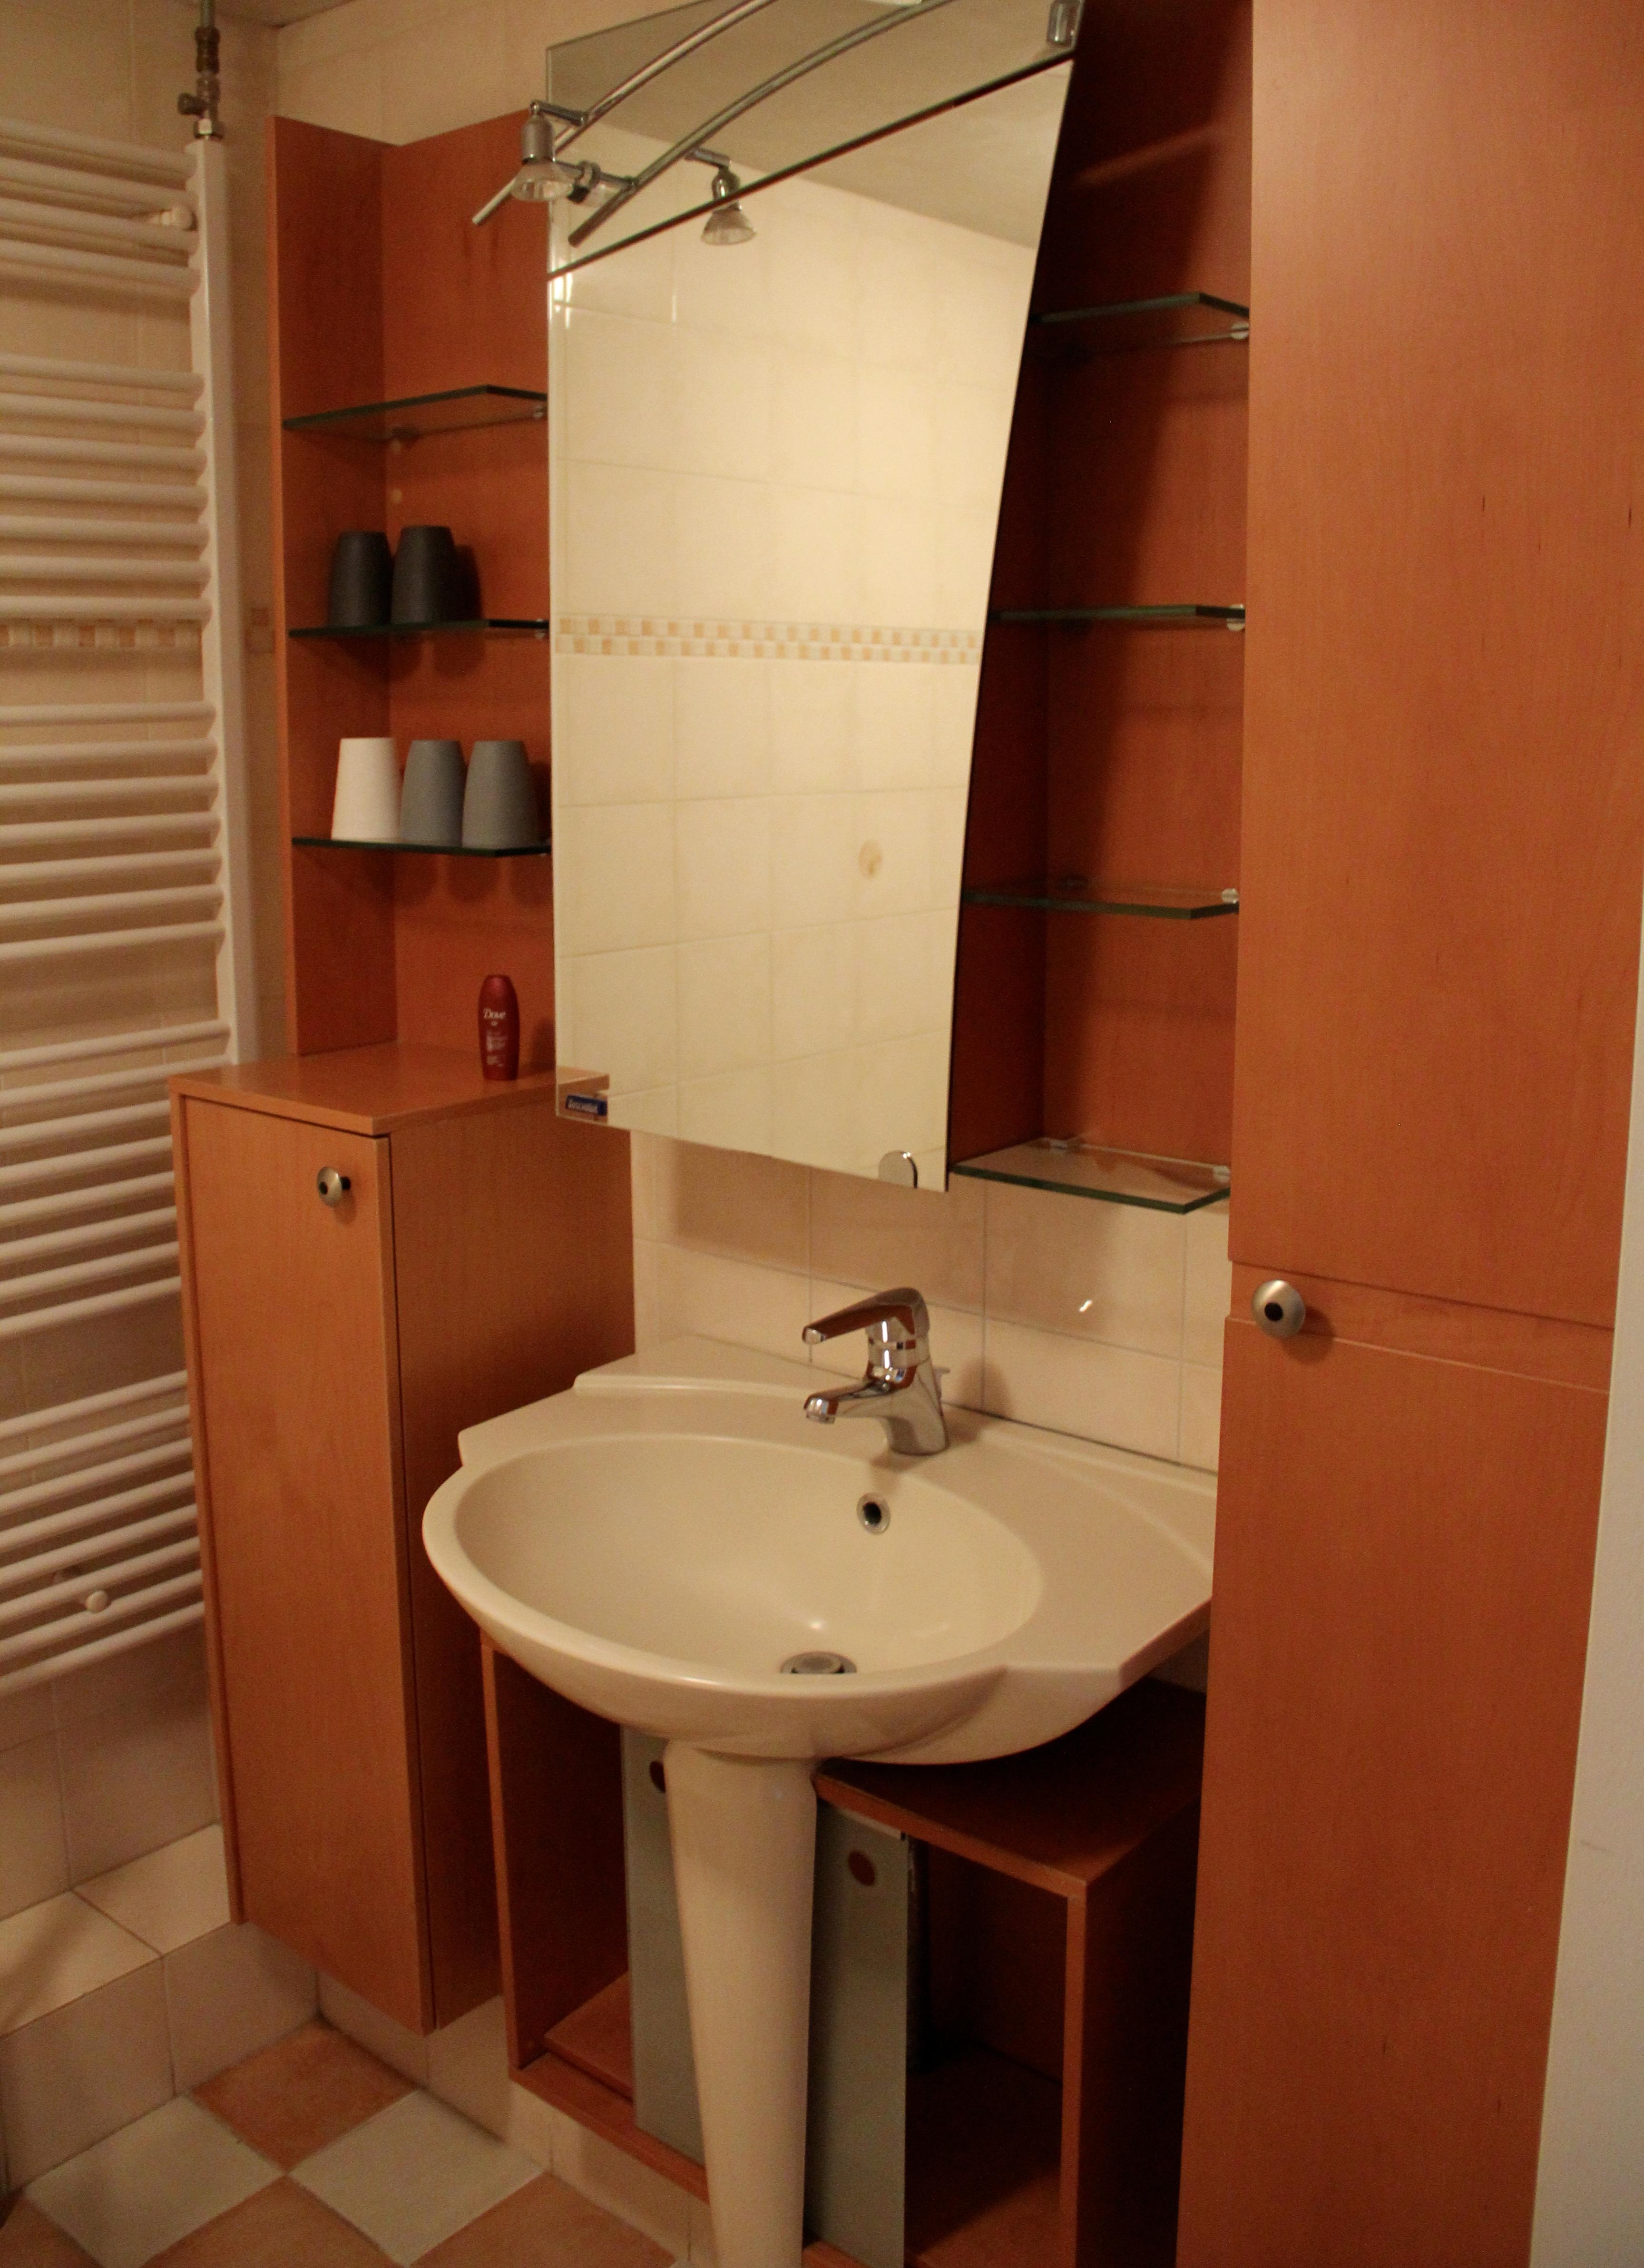 Alugando apartamento na P.C. Hooftstraat em Amsterdam: veja como foi! #2F0E04 3456x4767 Banheiro Casal Dois Vasos